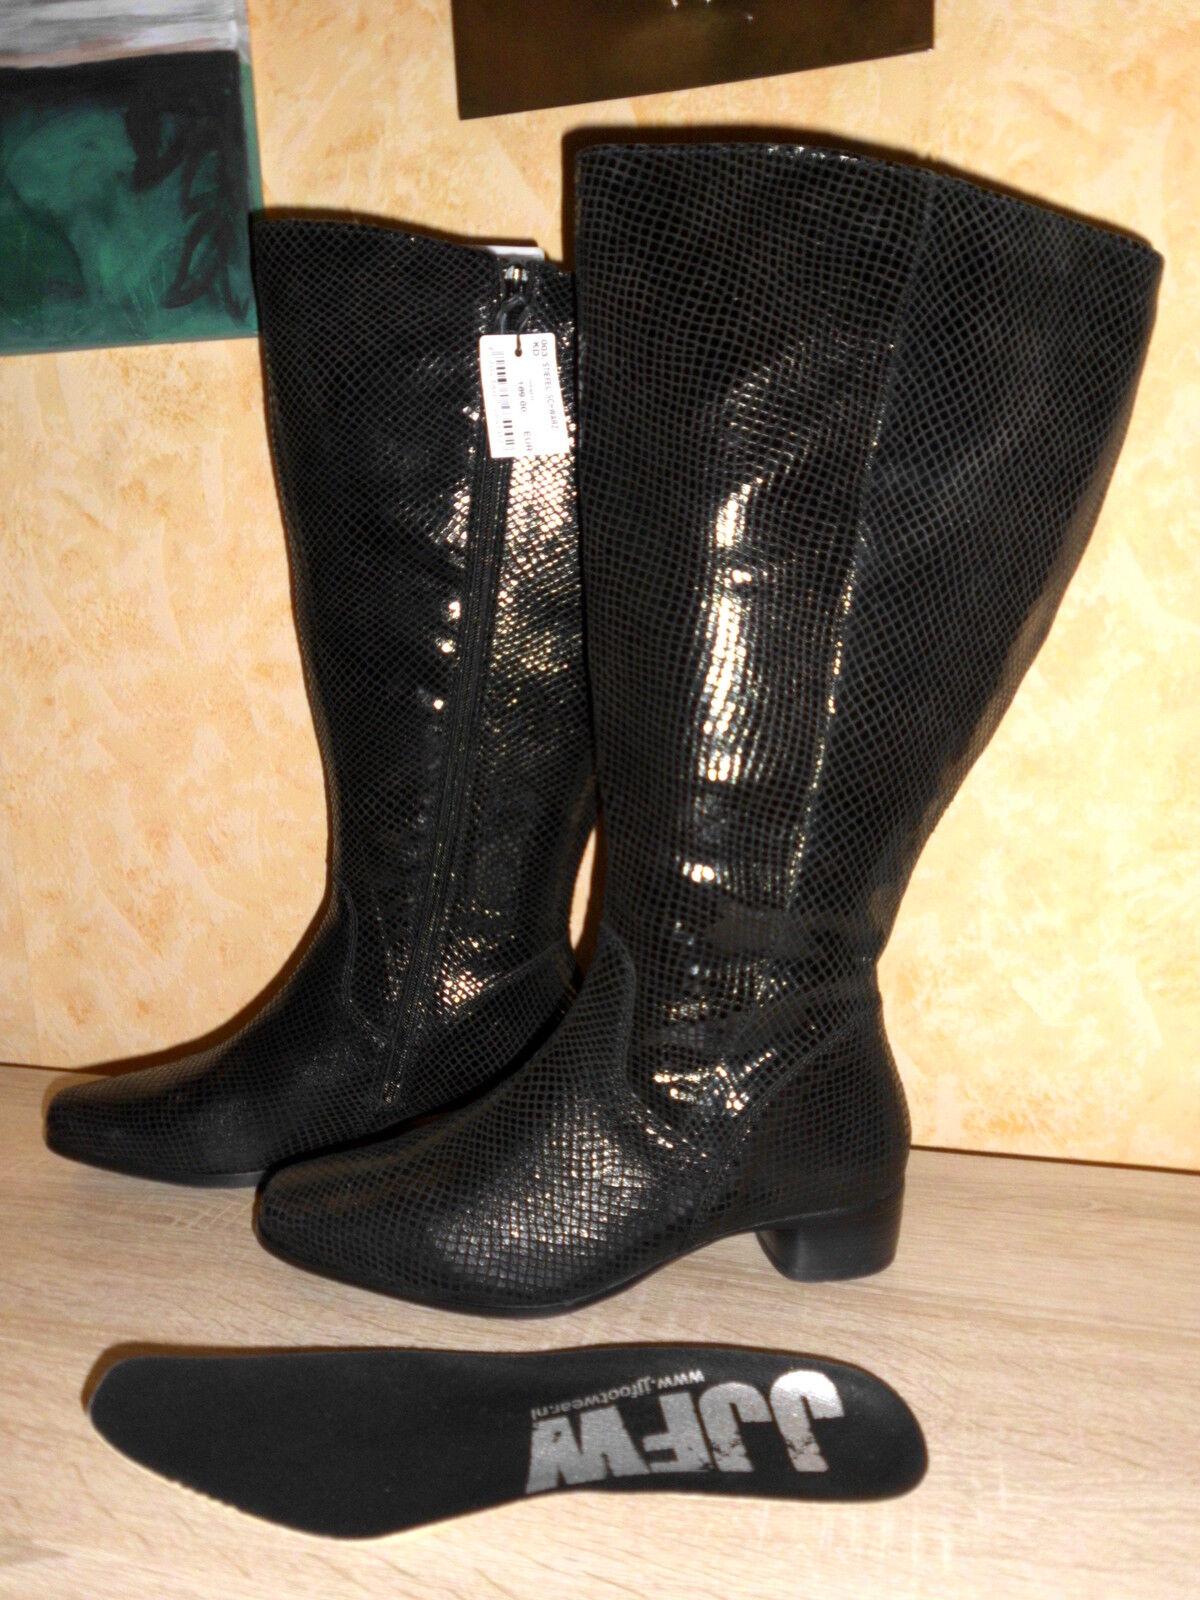 JJFootwear XXL Weitschaft 43 Stiefel Reitstiefel in schwarz NEU Gr. 43 Weitschaft super chic 62479f